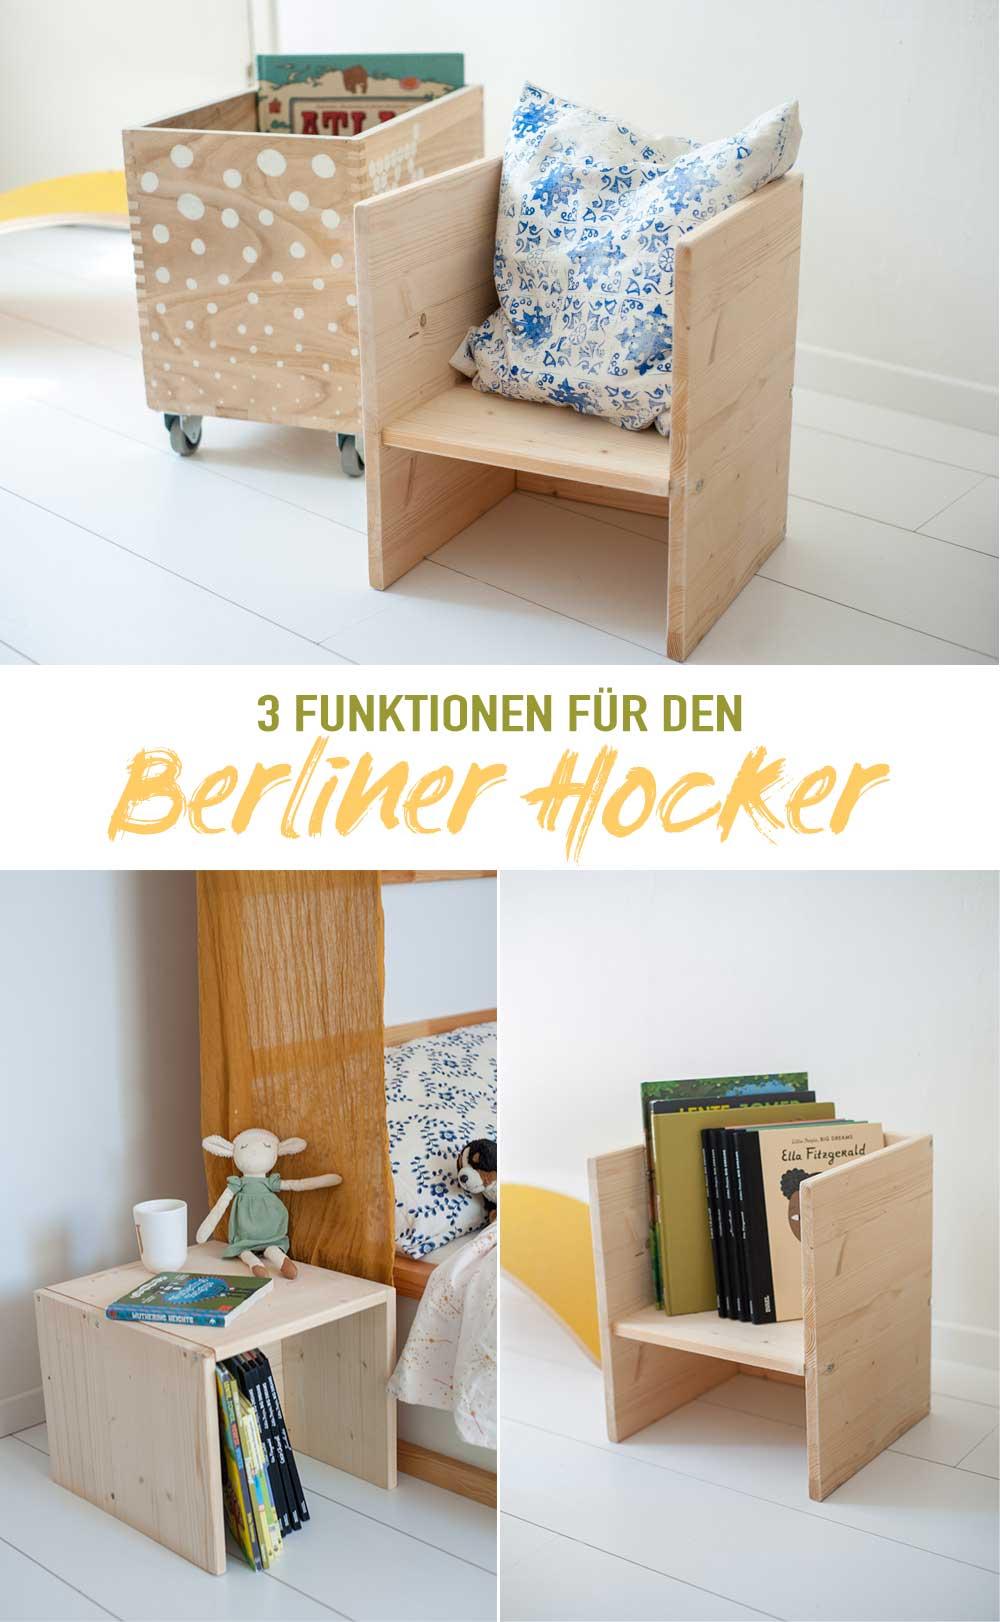 3 Funktionen Berliner Hocker